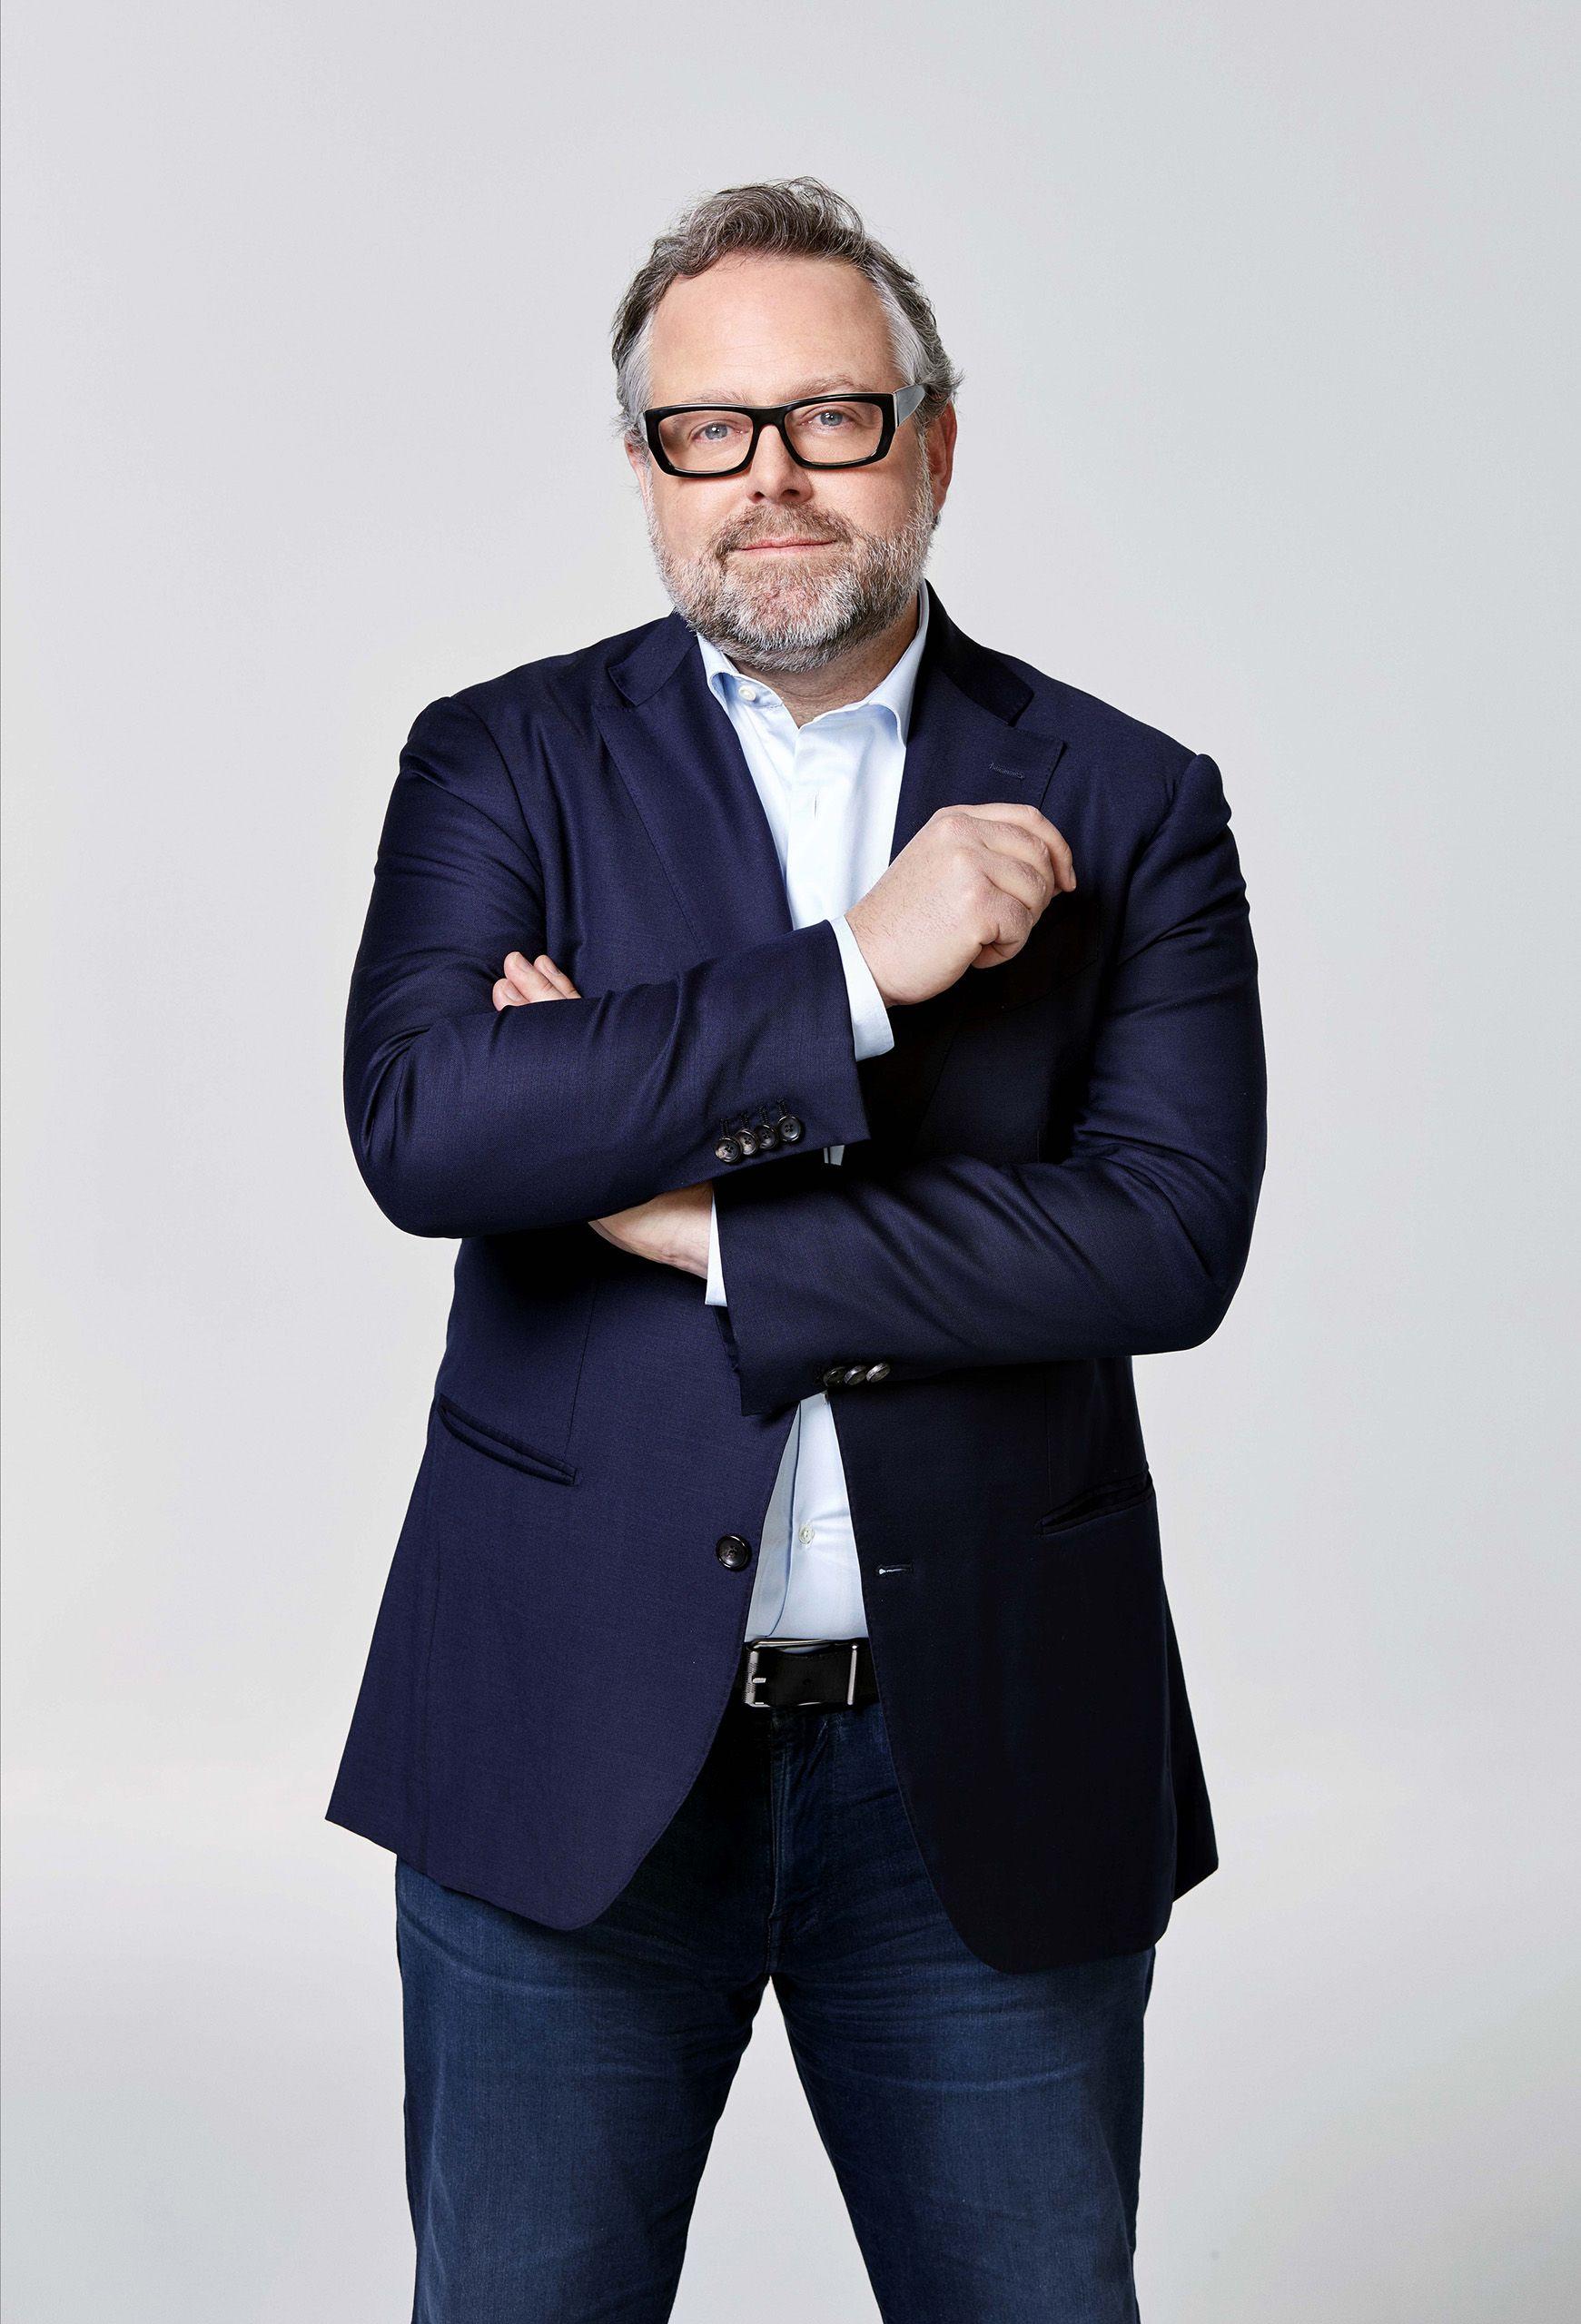 Portrait en mi-longueur d'un homme portant un jean et une chemise, une veste, des lunettes.